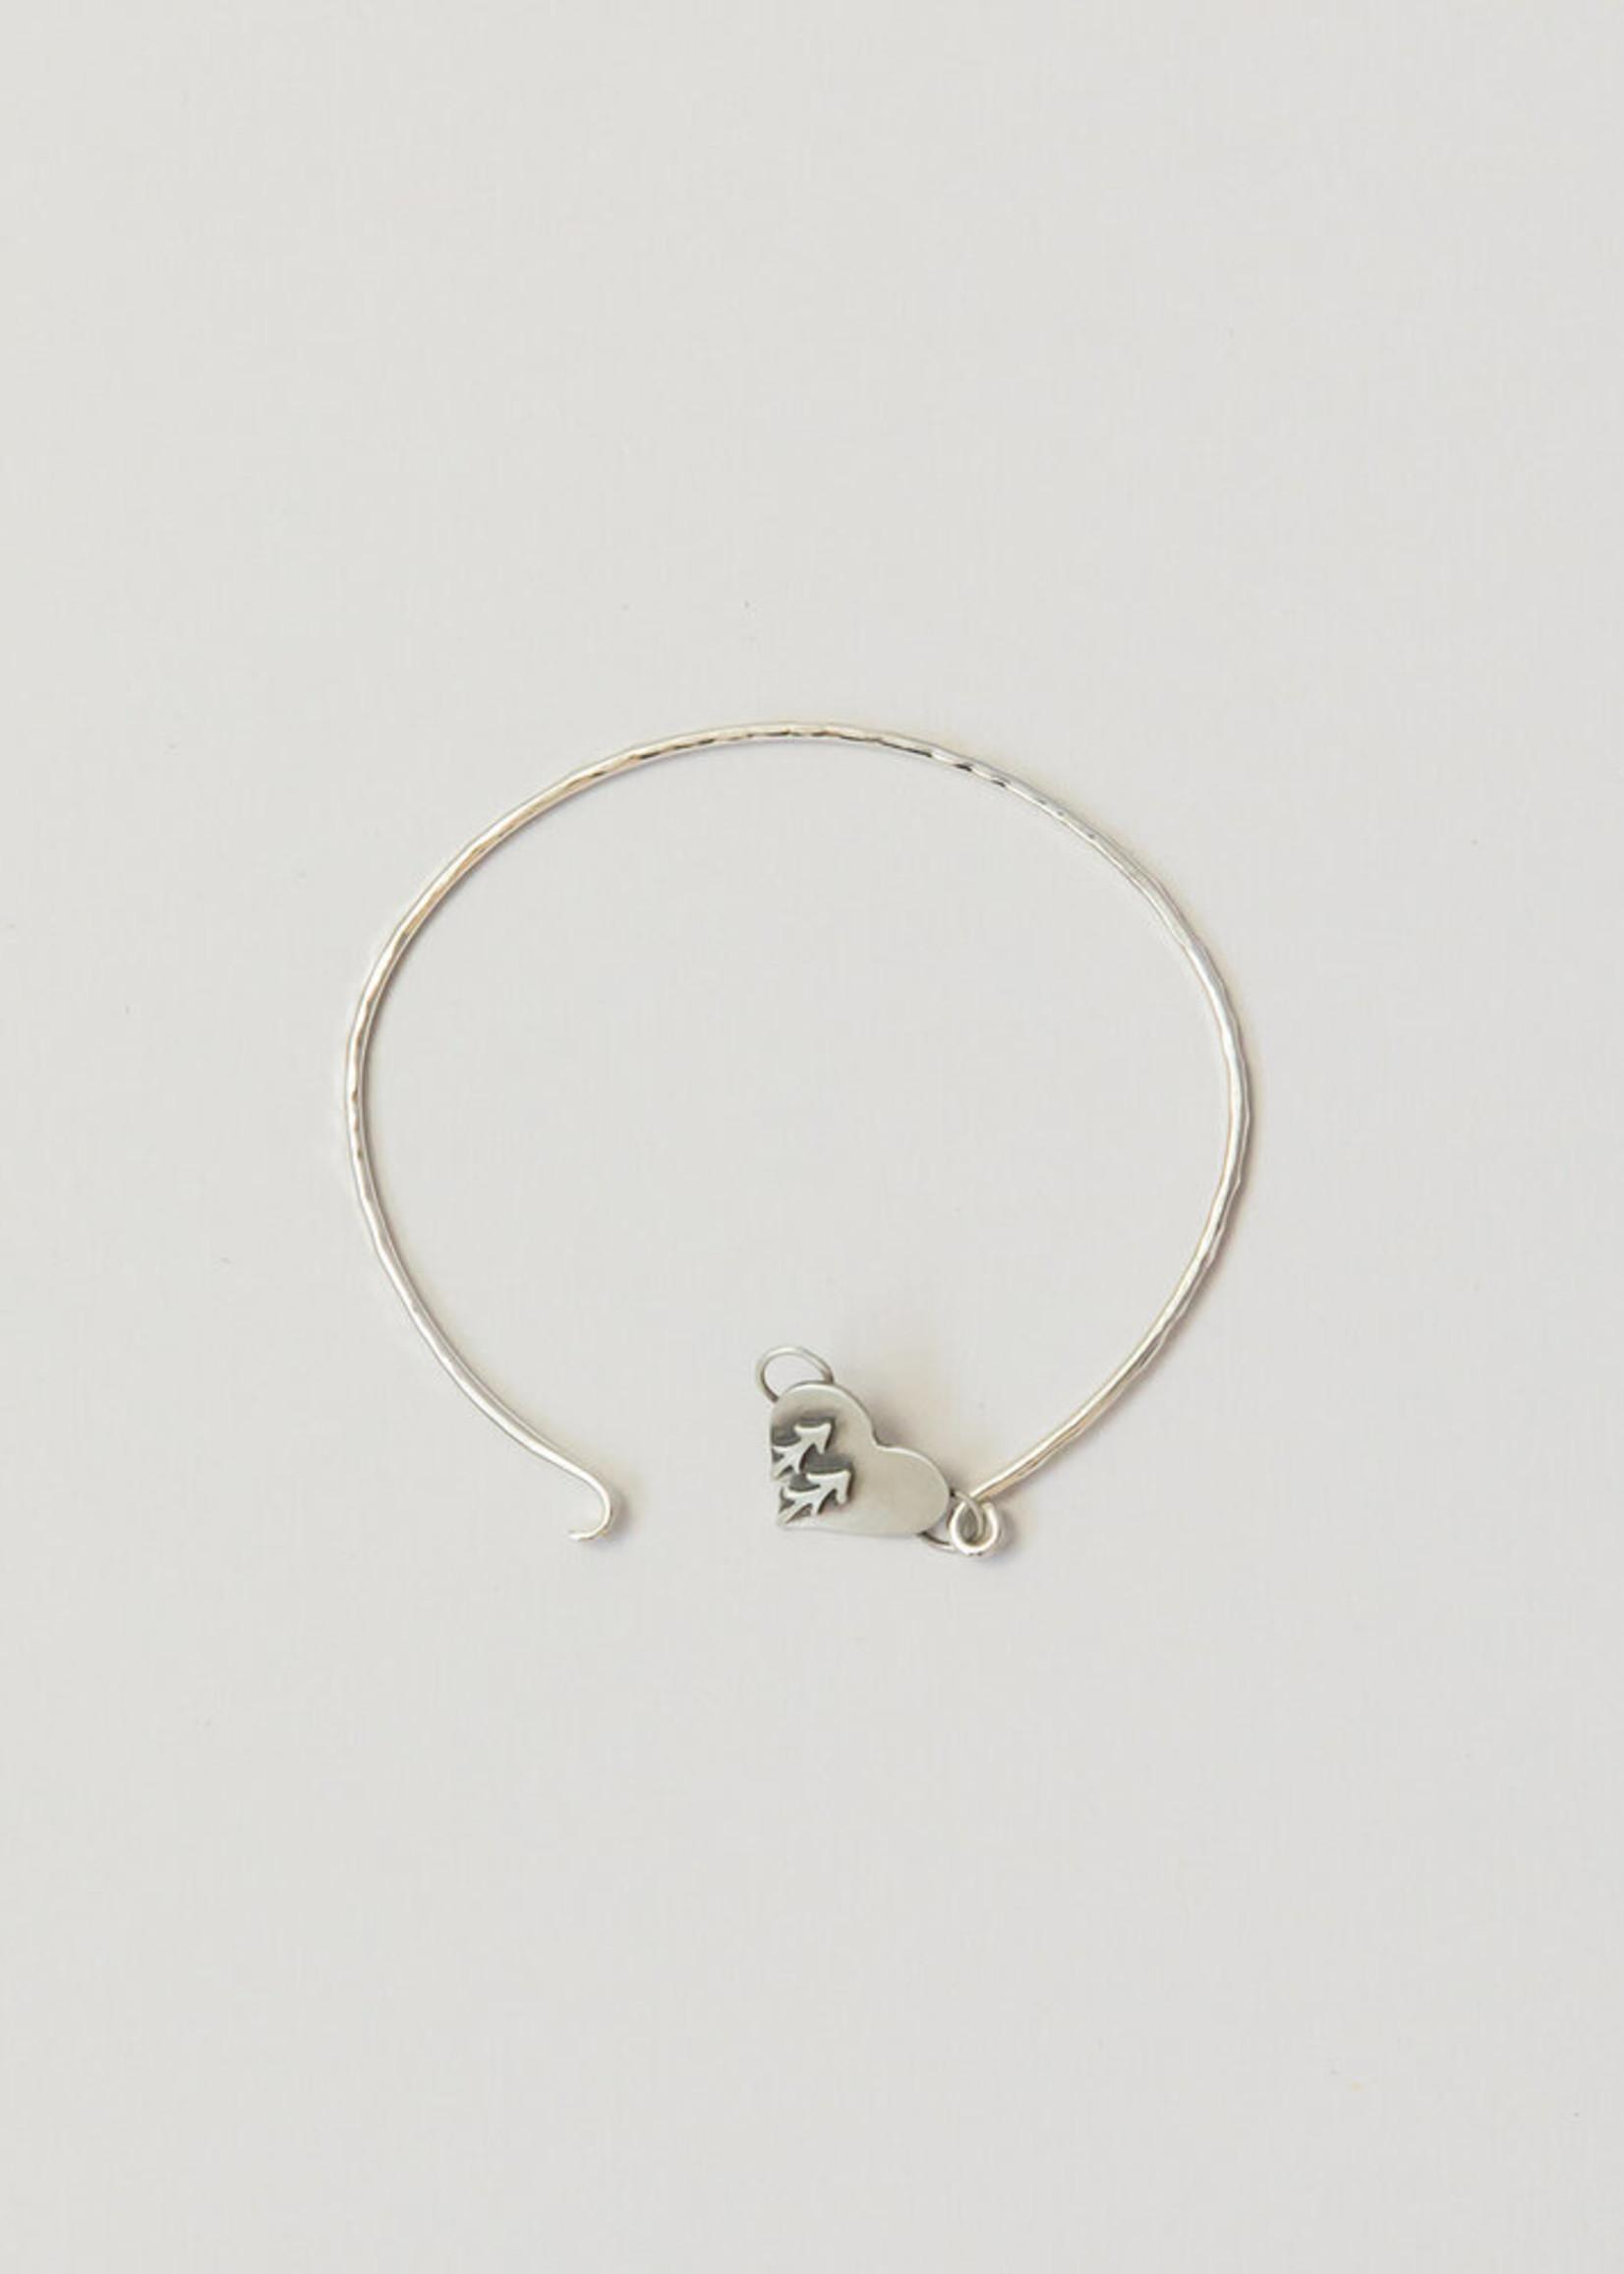 Loops Silver Heart Bracelet Tree